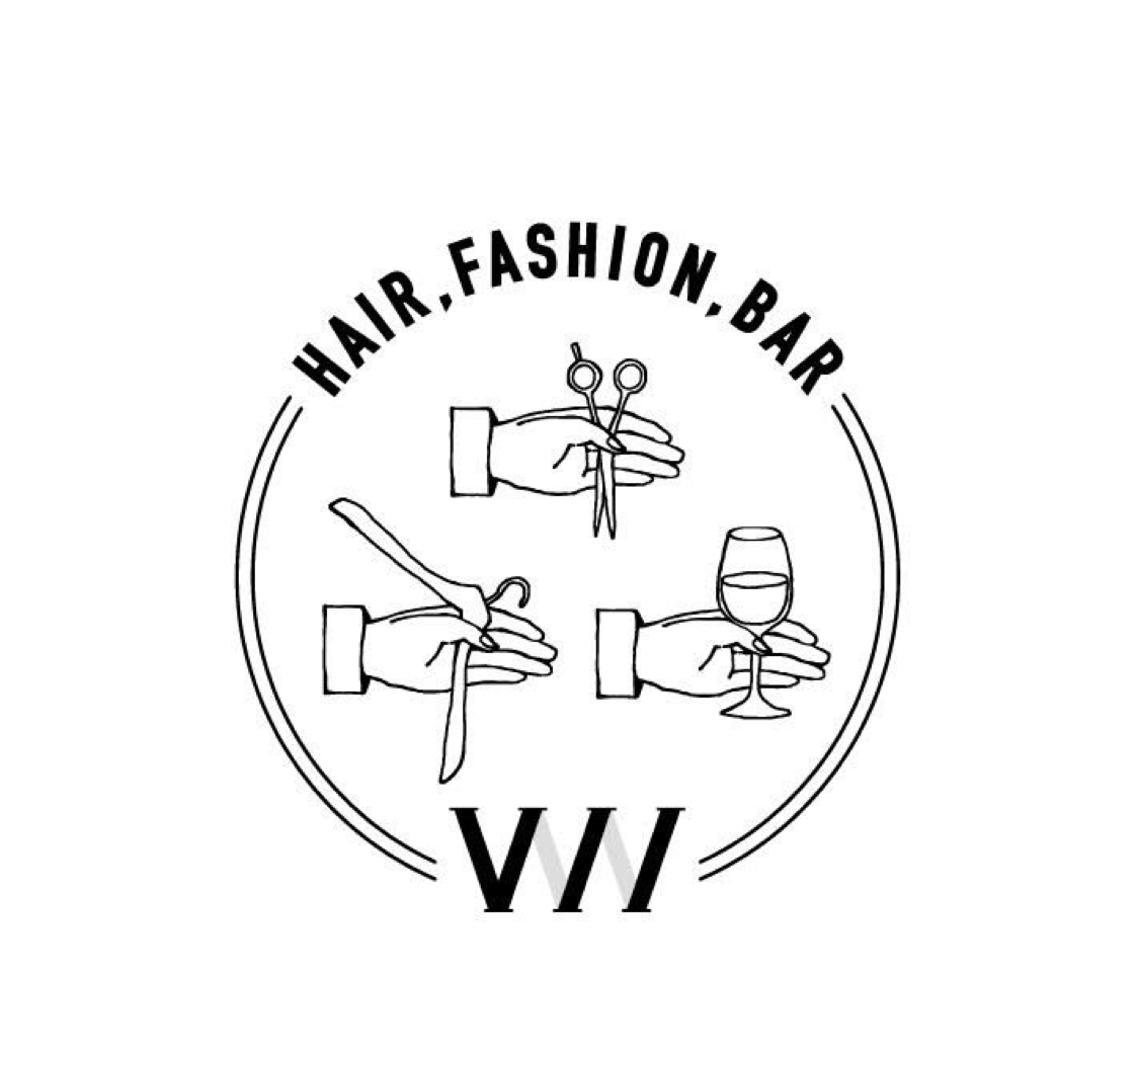 VII(ヴィー)hair.fashion.bar所属・VII(ヴィー)宮原智也の掲載